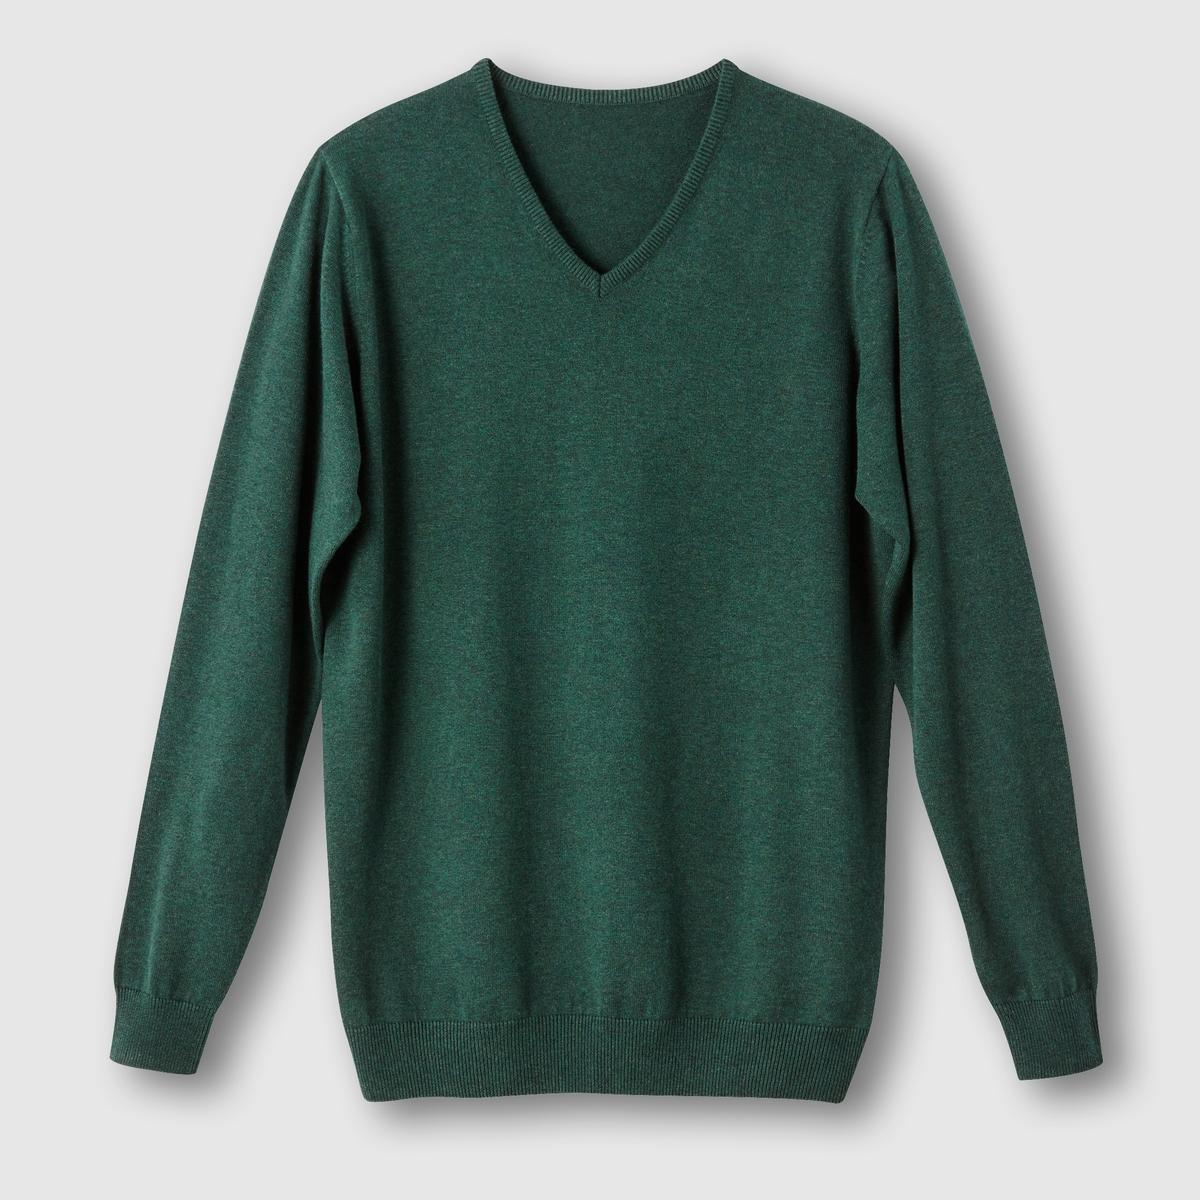 Пуловер с V-образным вырезомдлина спереди : 73 см для размера 50/52 и 81 см для размера 82/84.- длина рукавов : 64,5 см.<br><br>Цвет: темно-синий,черный<br>Размер: 62/64.62/64.58/60.54/56.50/52.70/72